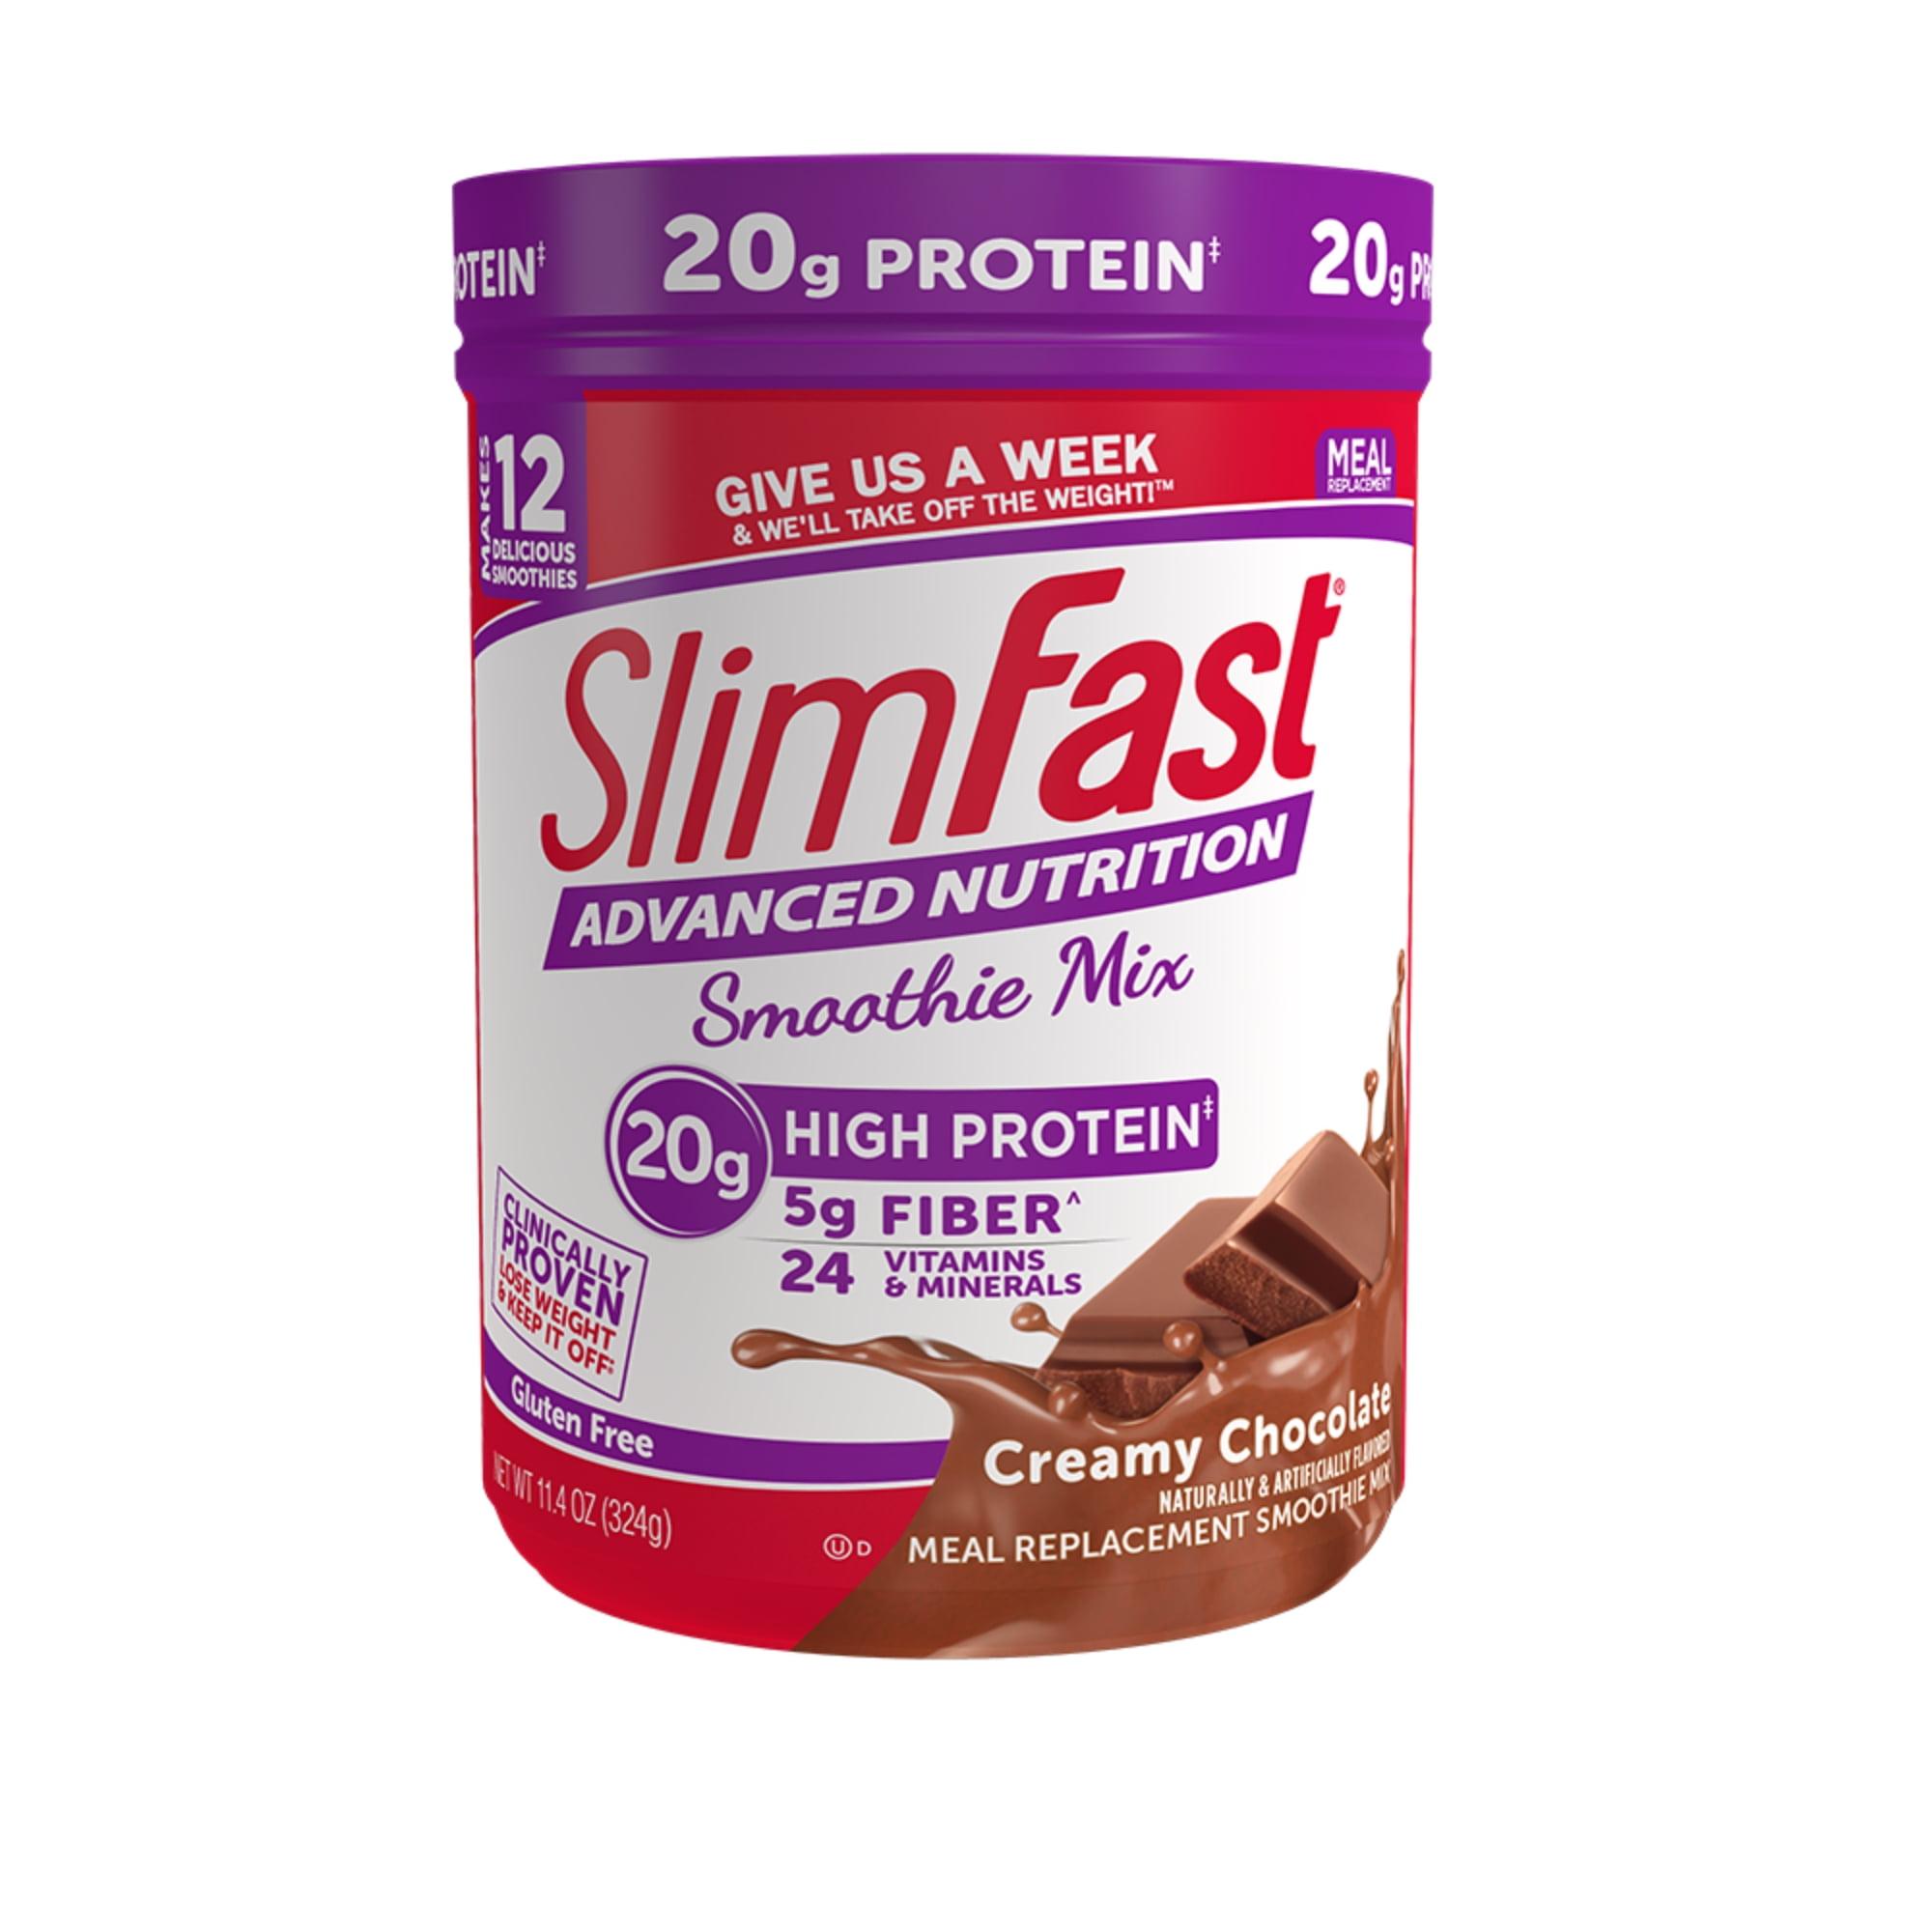 Slimfast Advanced Nutrition High Protein Smoothie Mix Powder Creamy